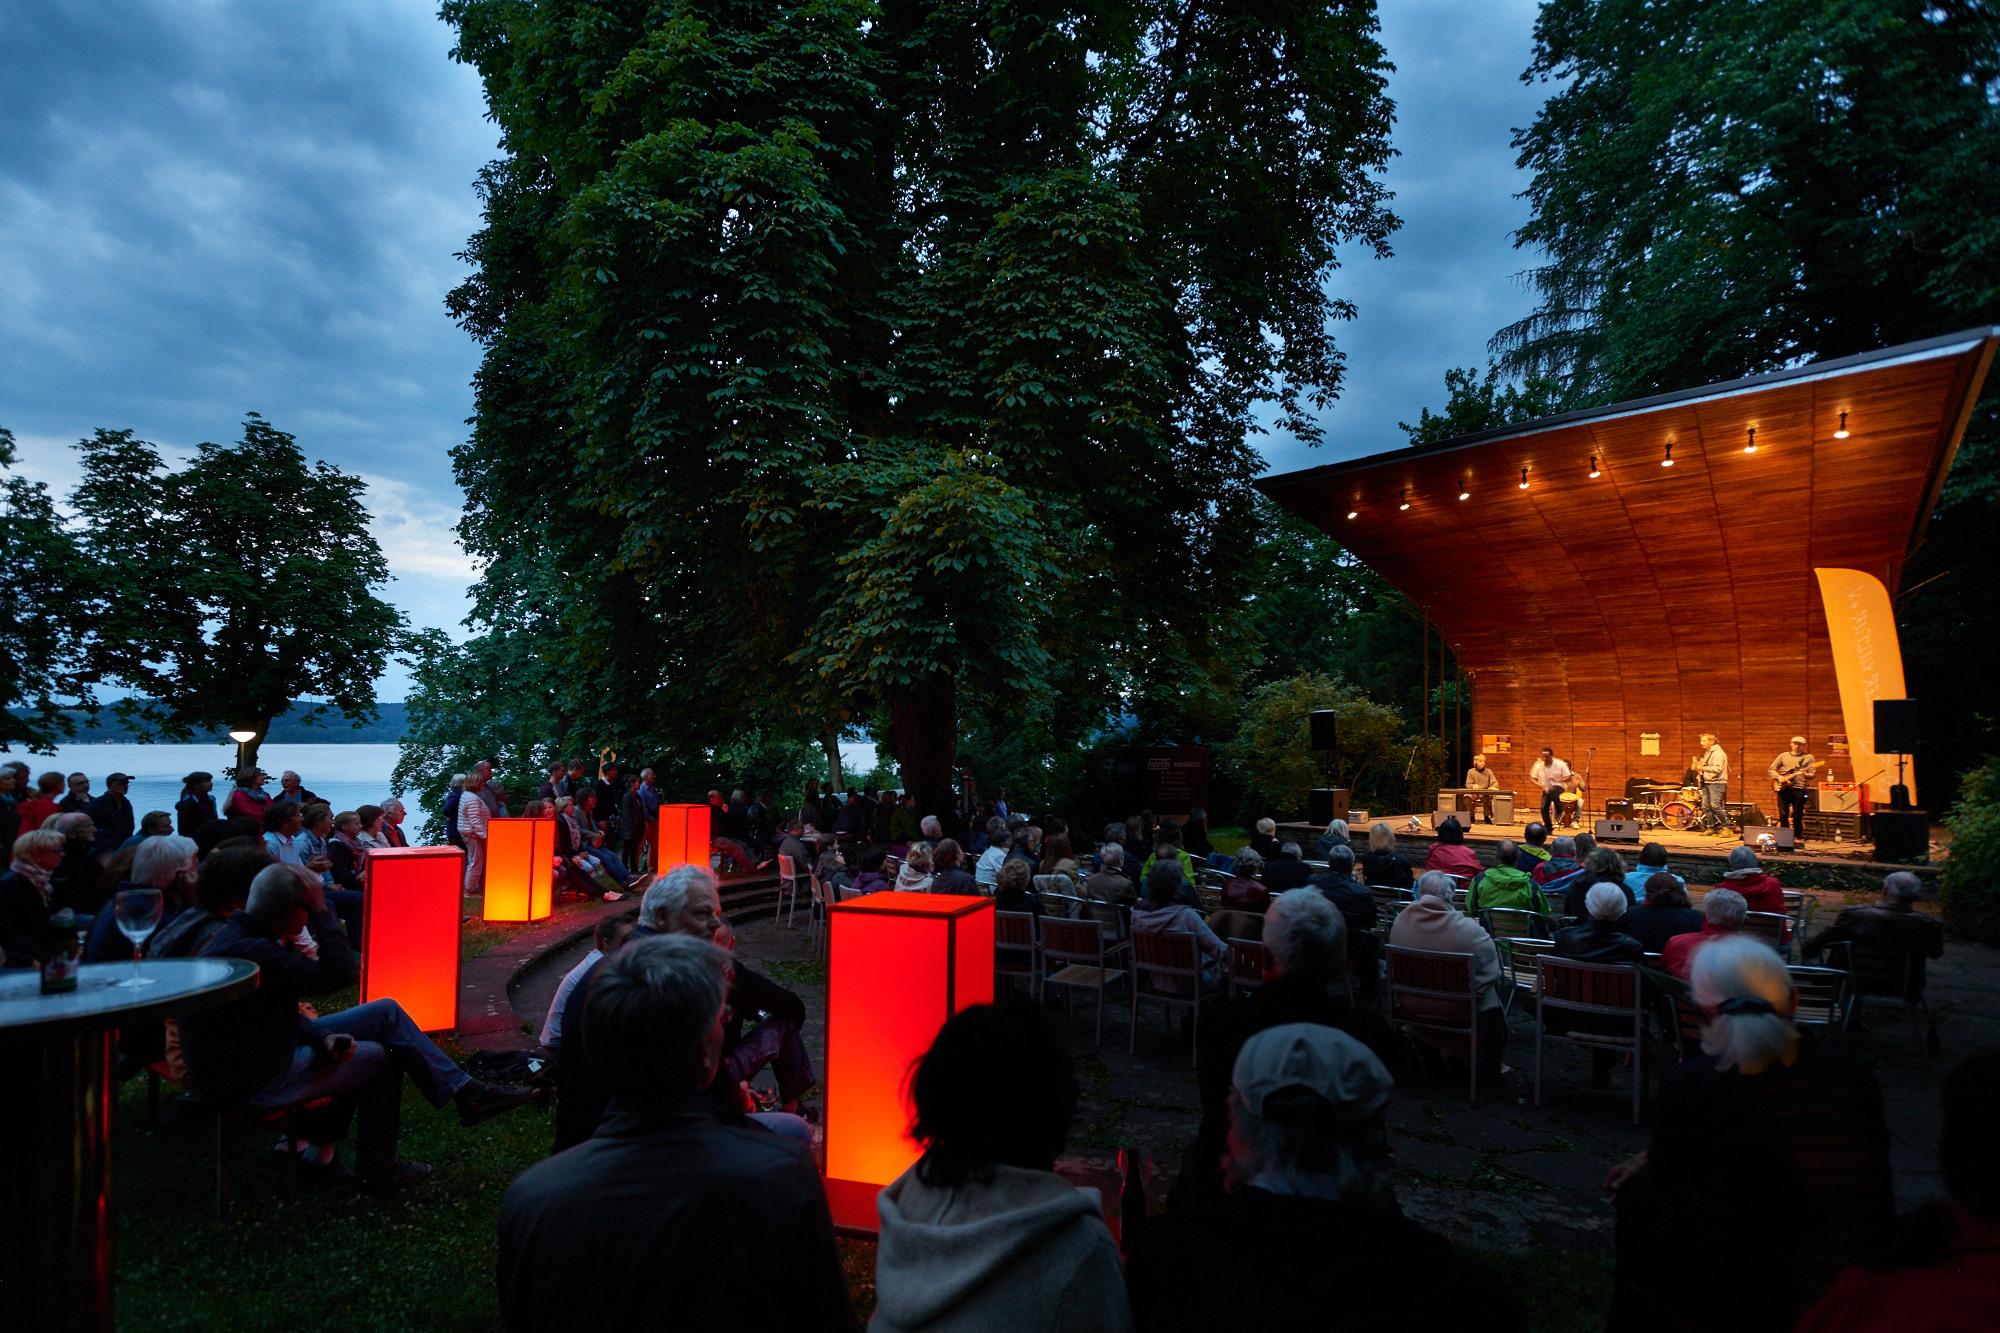 Abendstimmung an der Konzertmuschel in Radolfzell am Bodensee